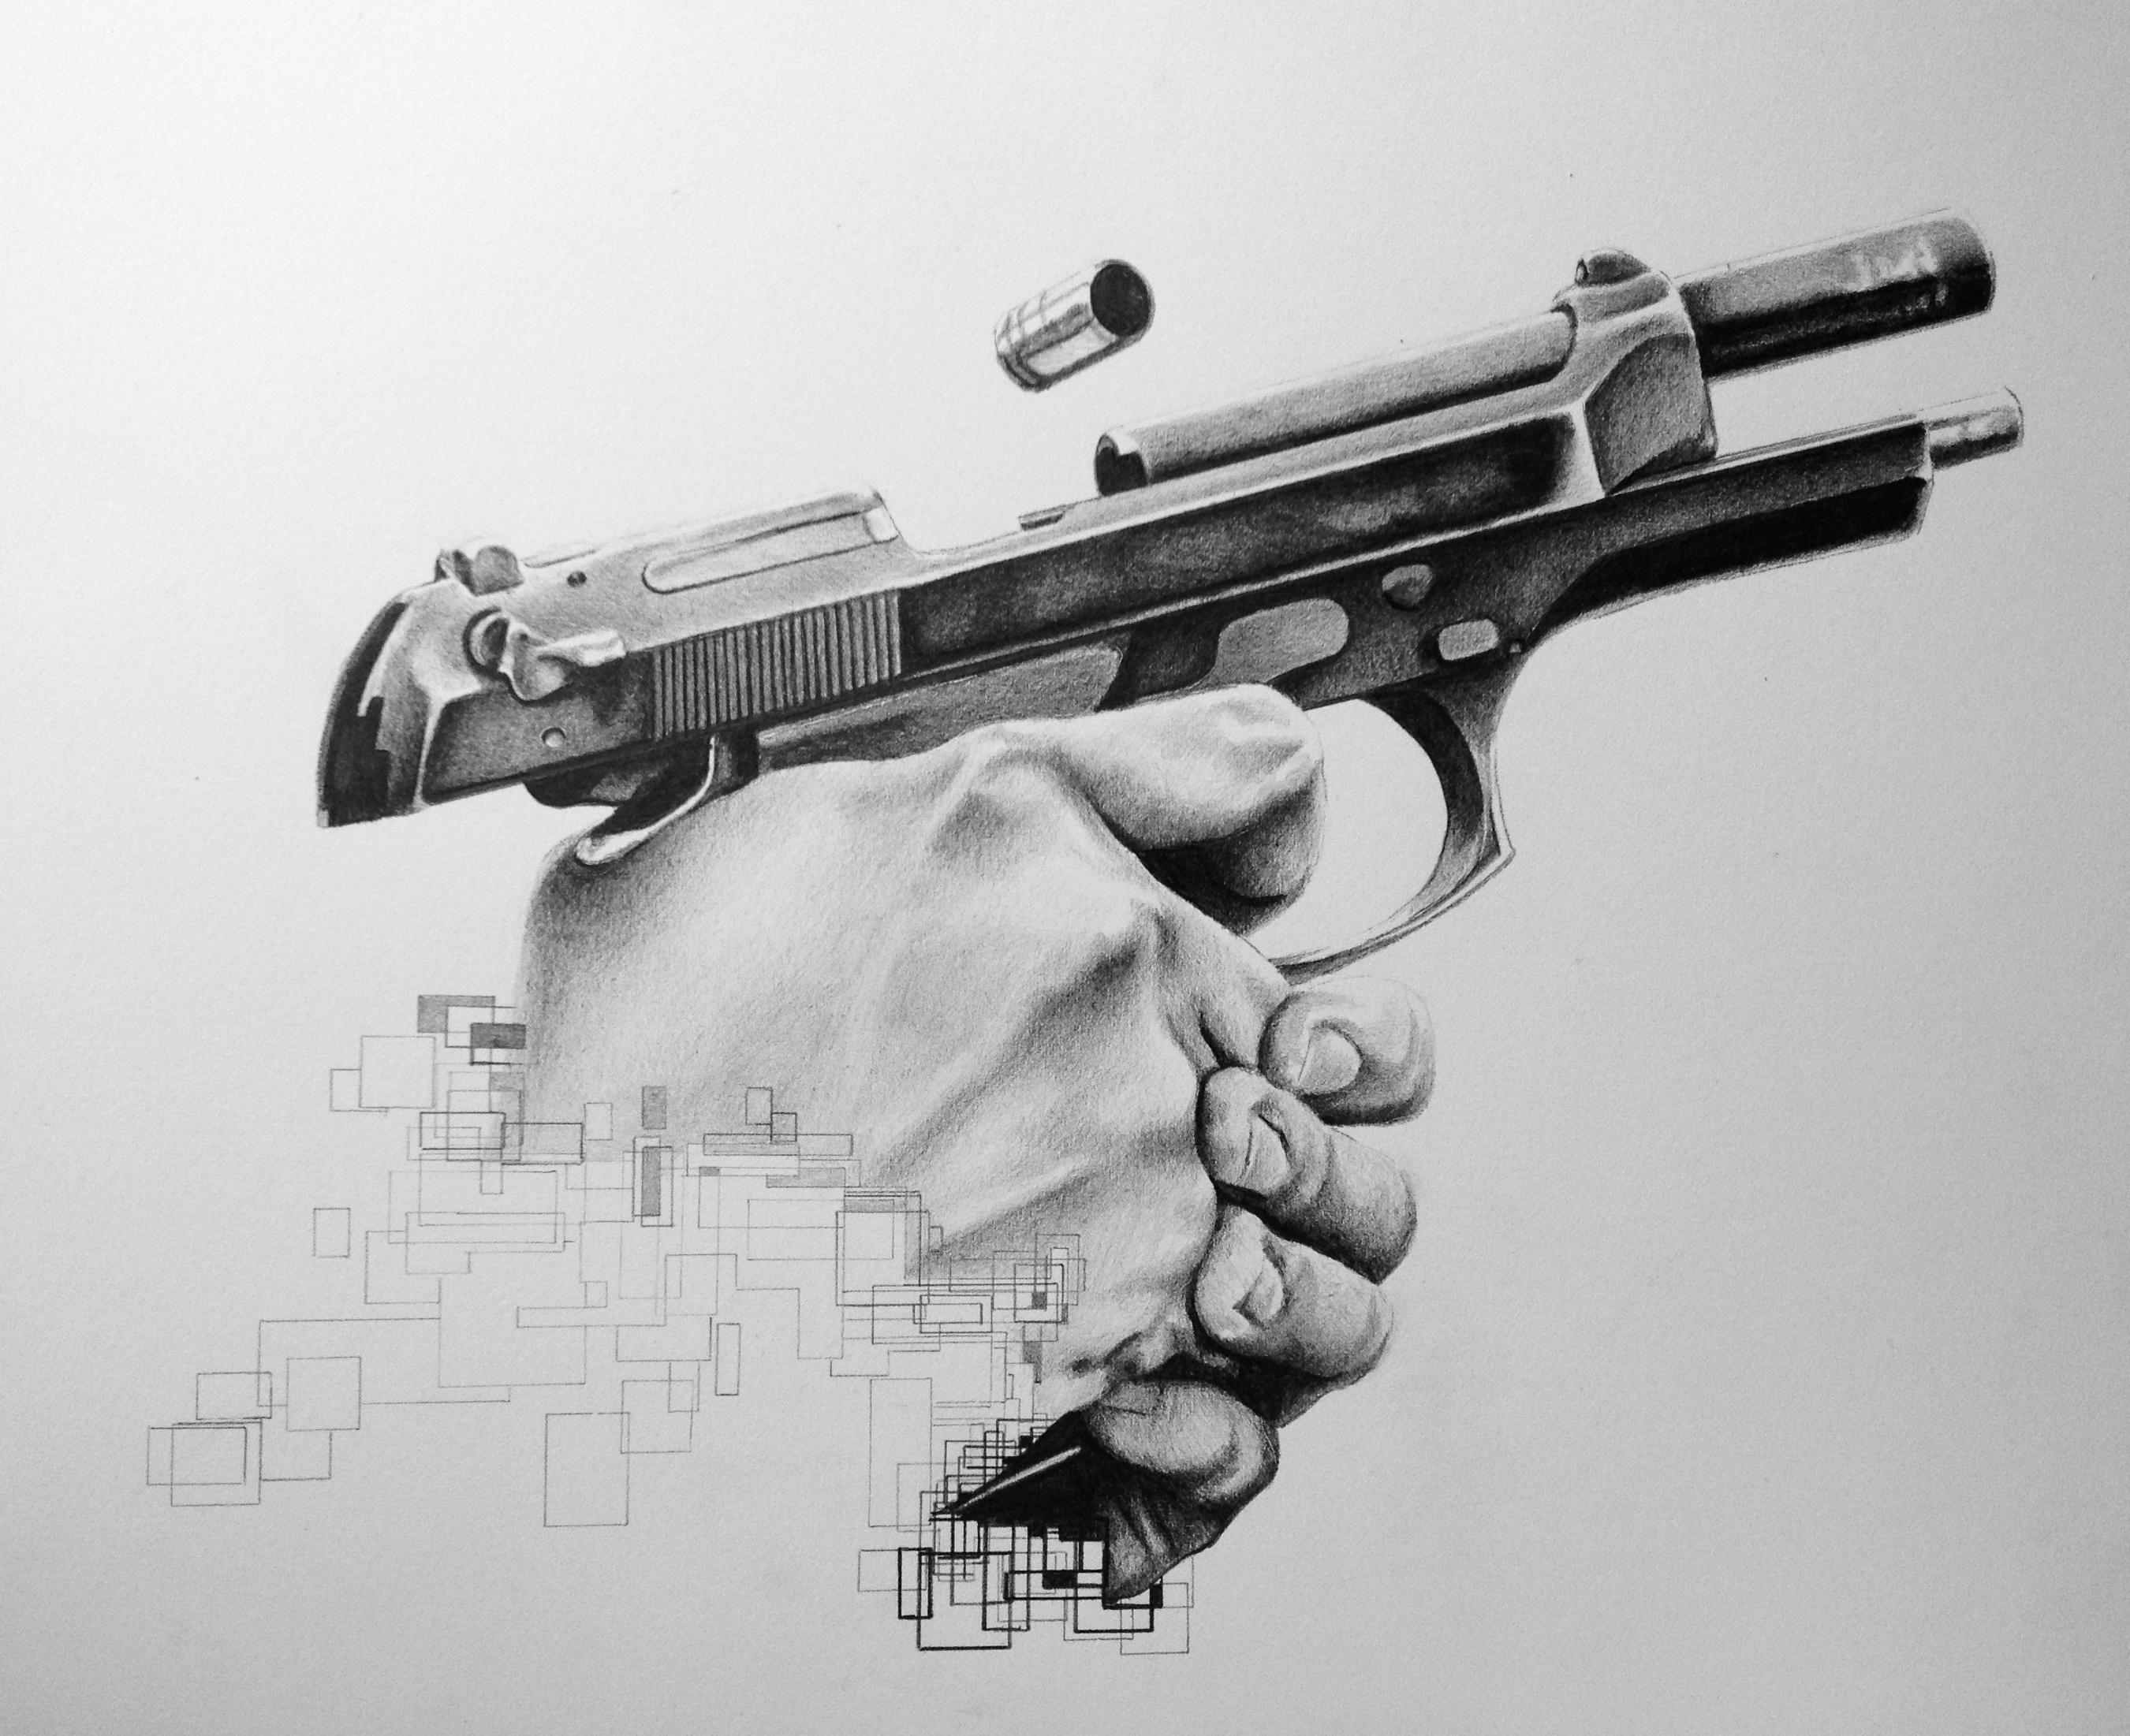 Drawn weapon glock 17 And fan art  art